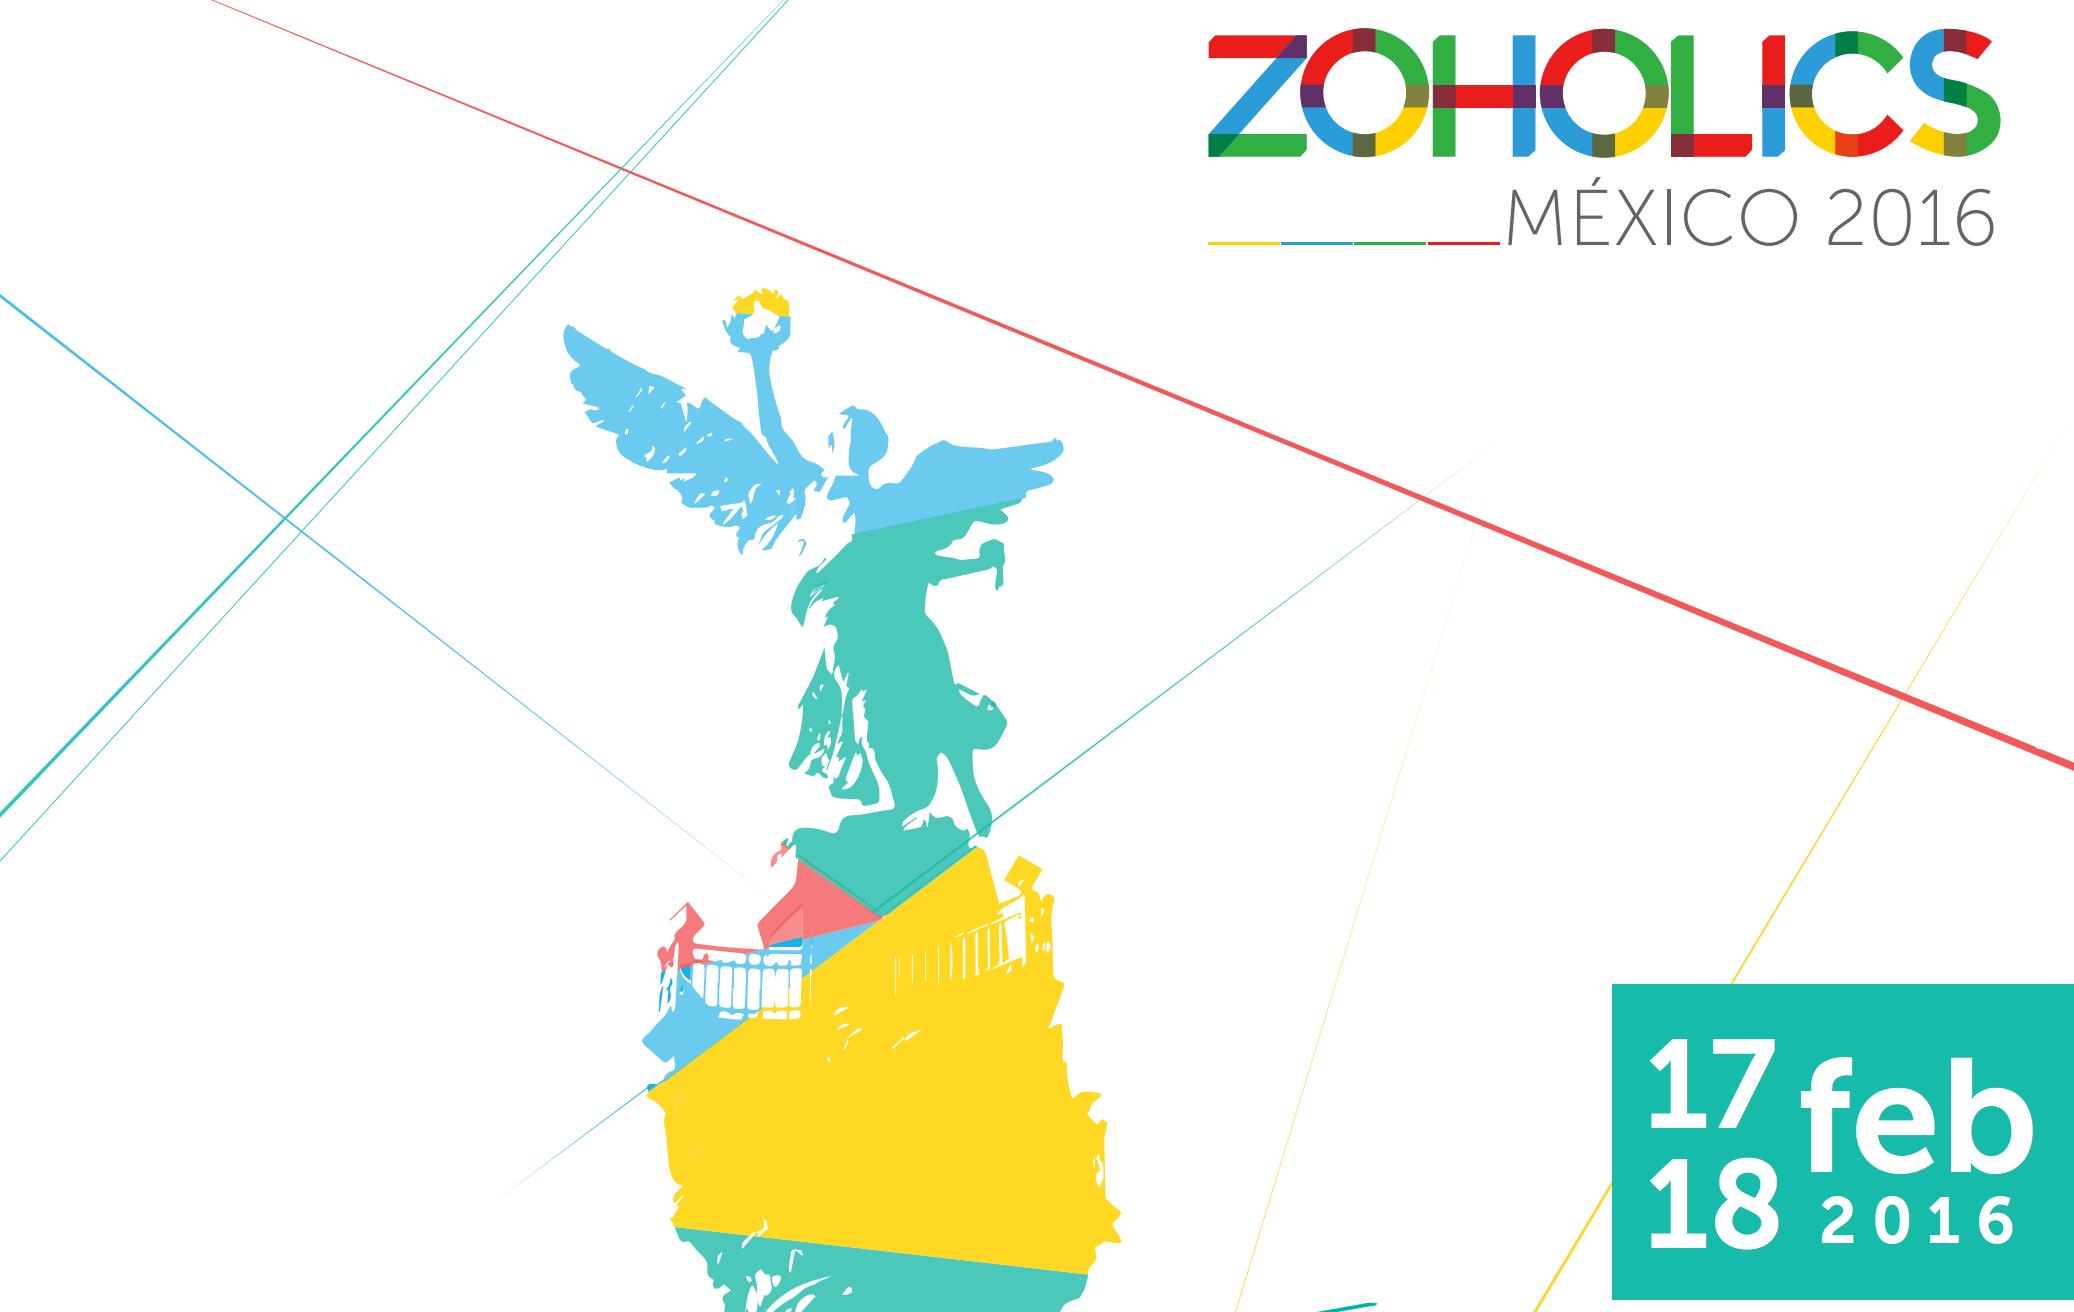 Zoholics México 2016